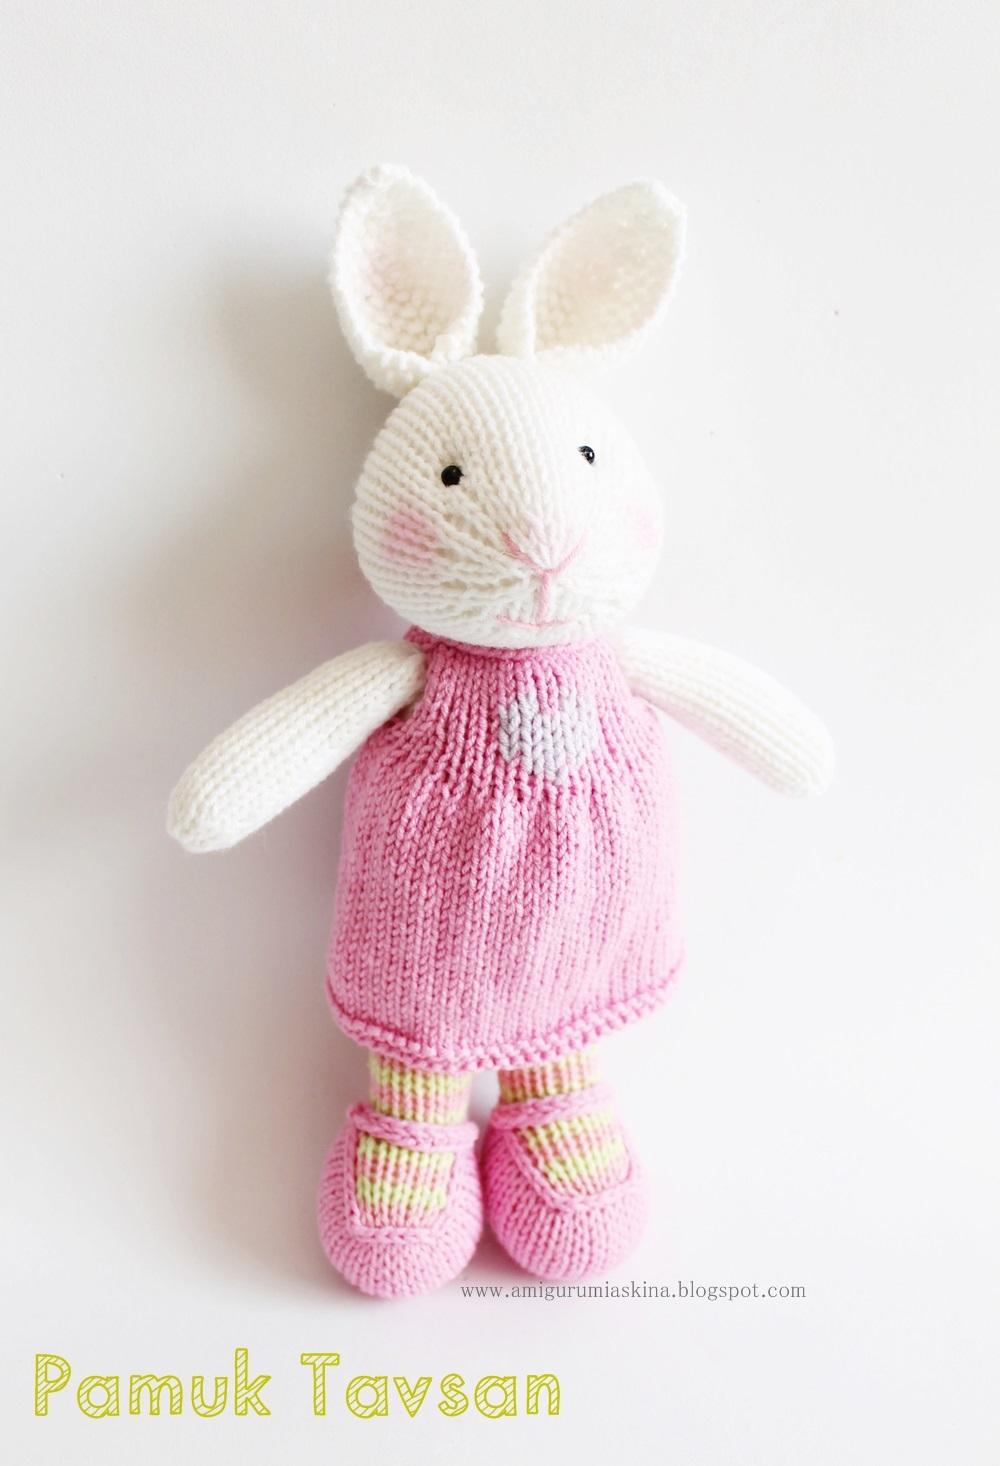 Amigurumi Örgü Uzun Kulaklı Tavşan Modeli Yapılışı ( Anlatımlı ... | 1466x1000